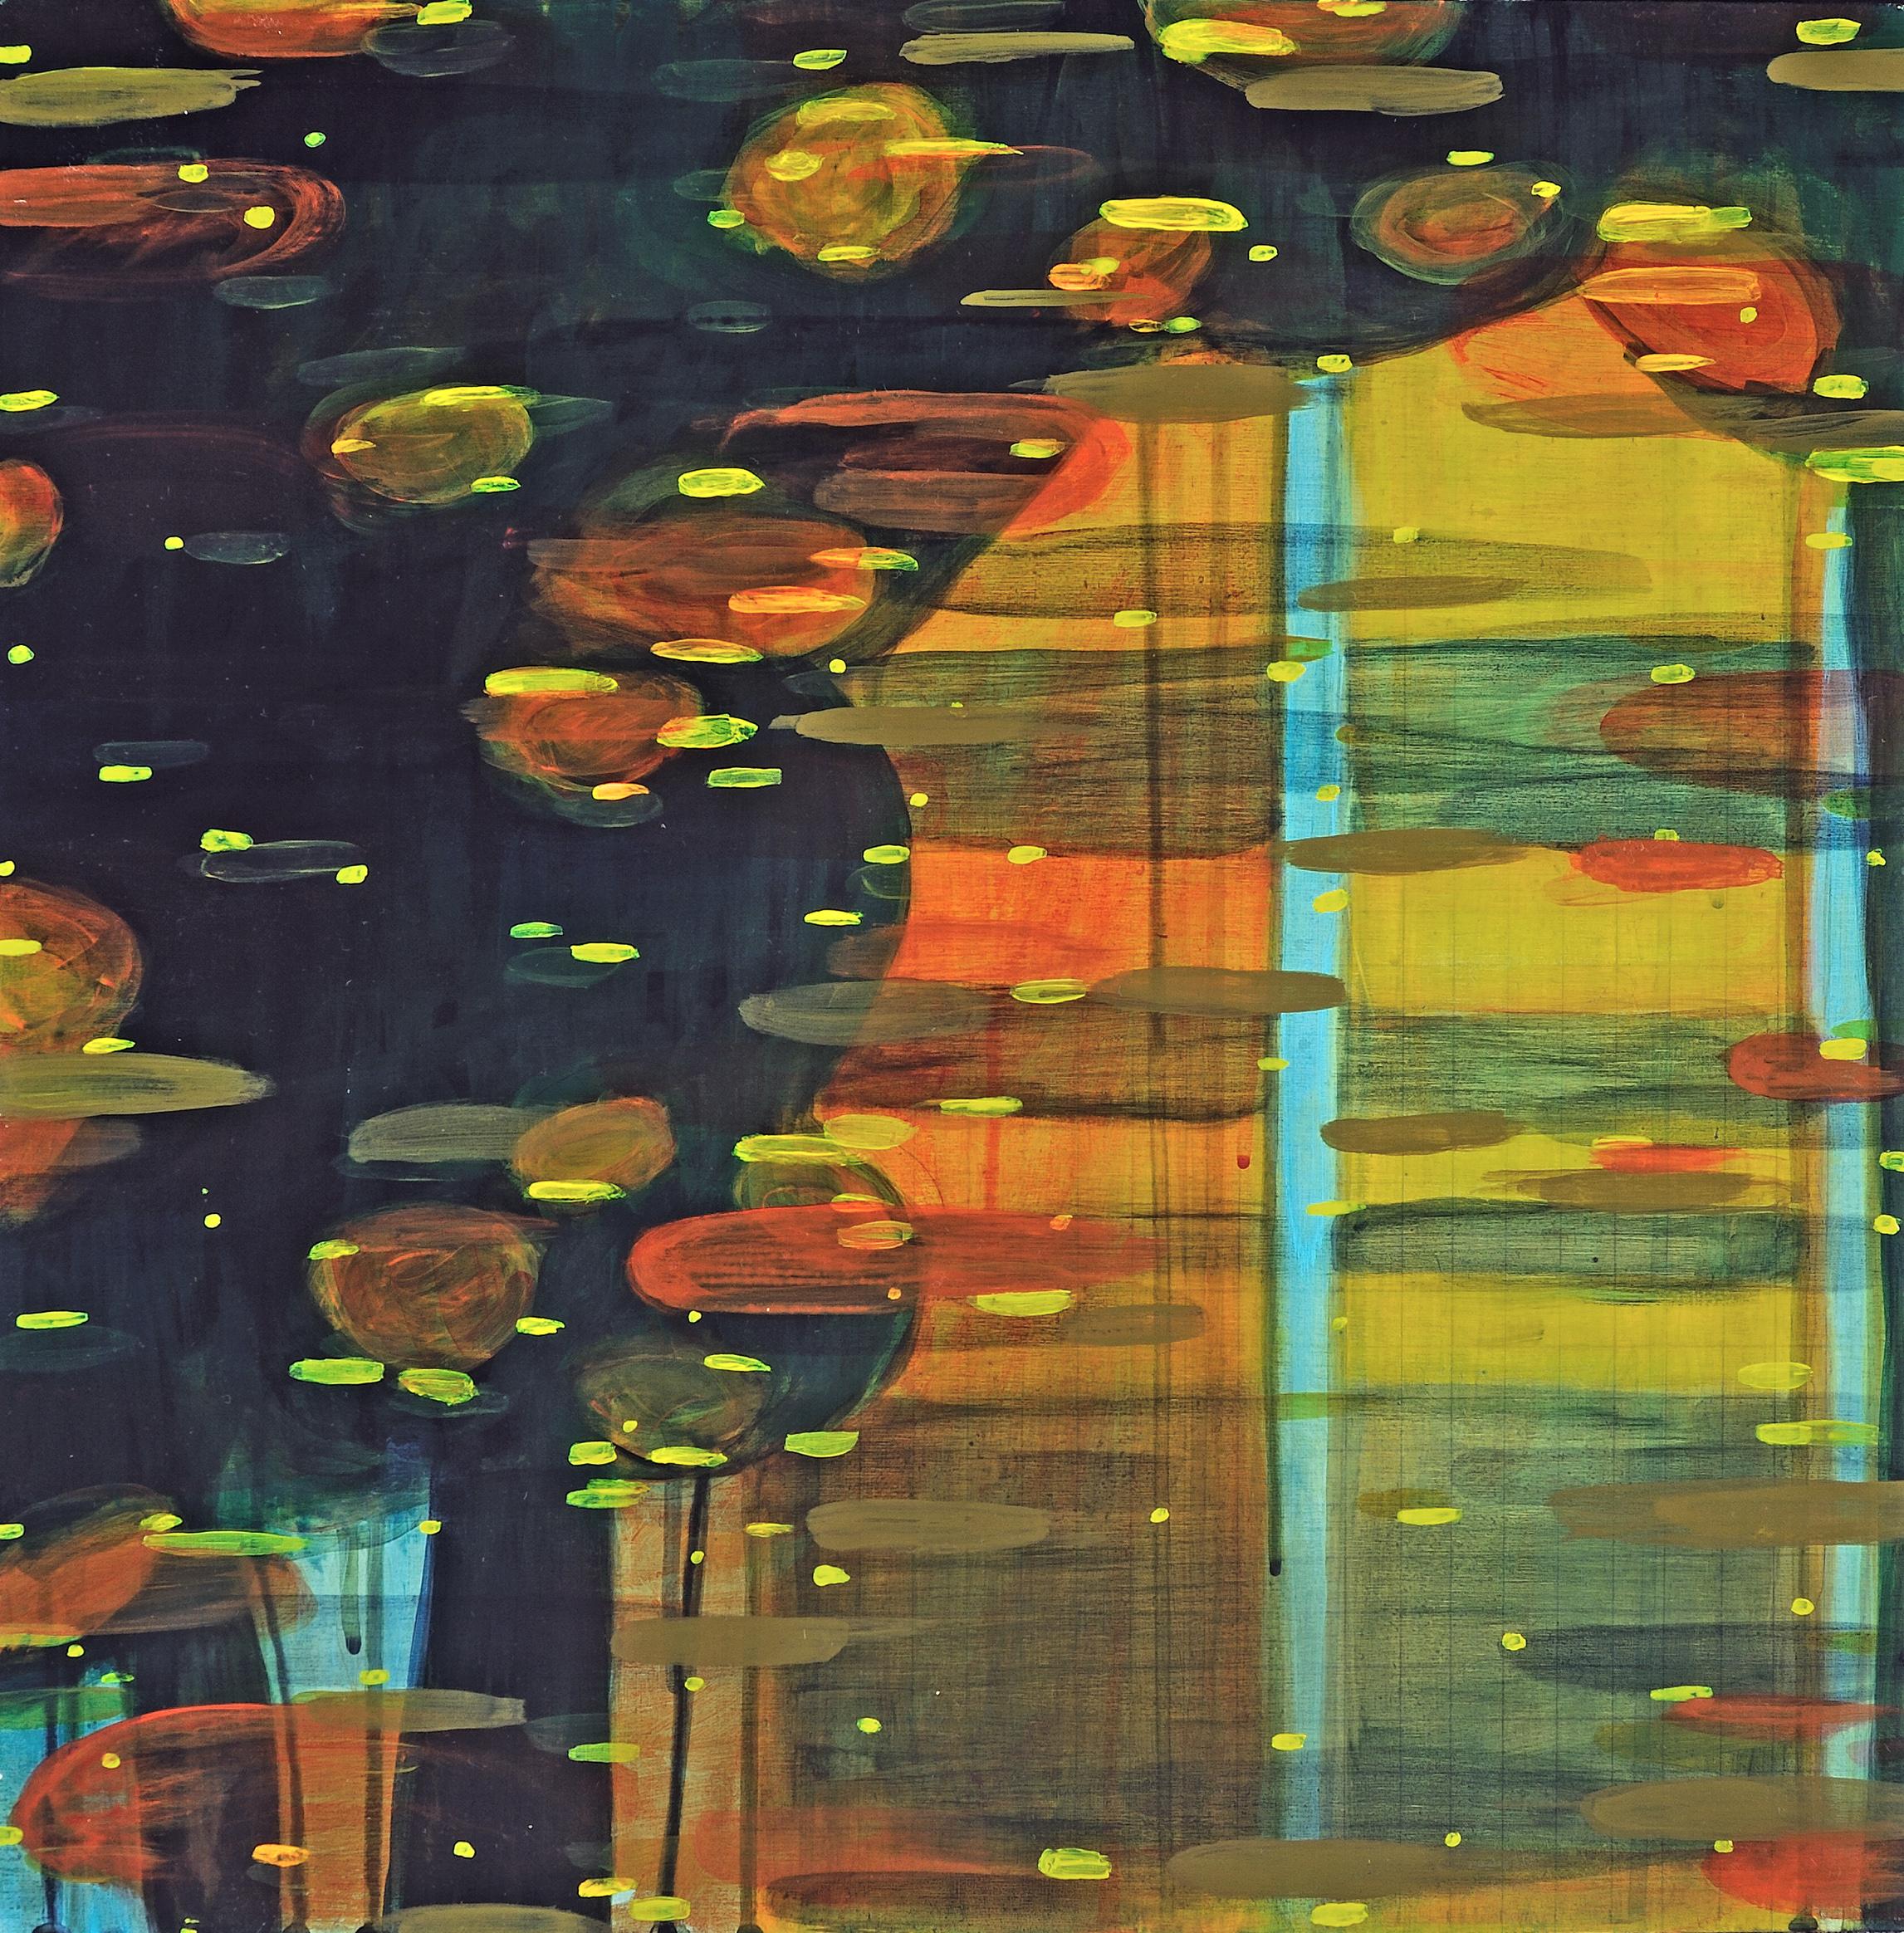 """""""Rock Creek Study #1-reflection"""" acrylic on wood, 18X18, 2017"""